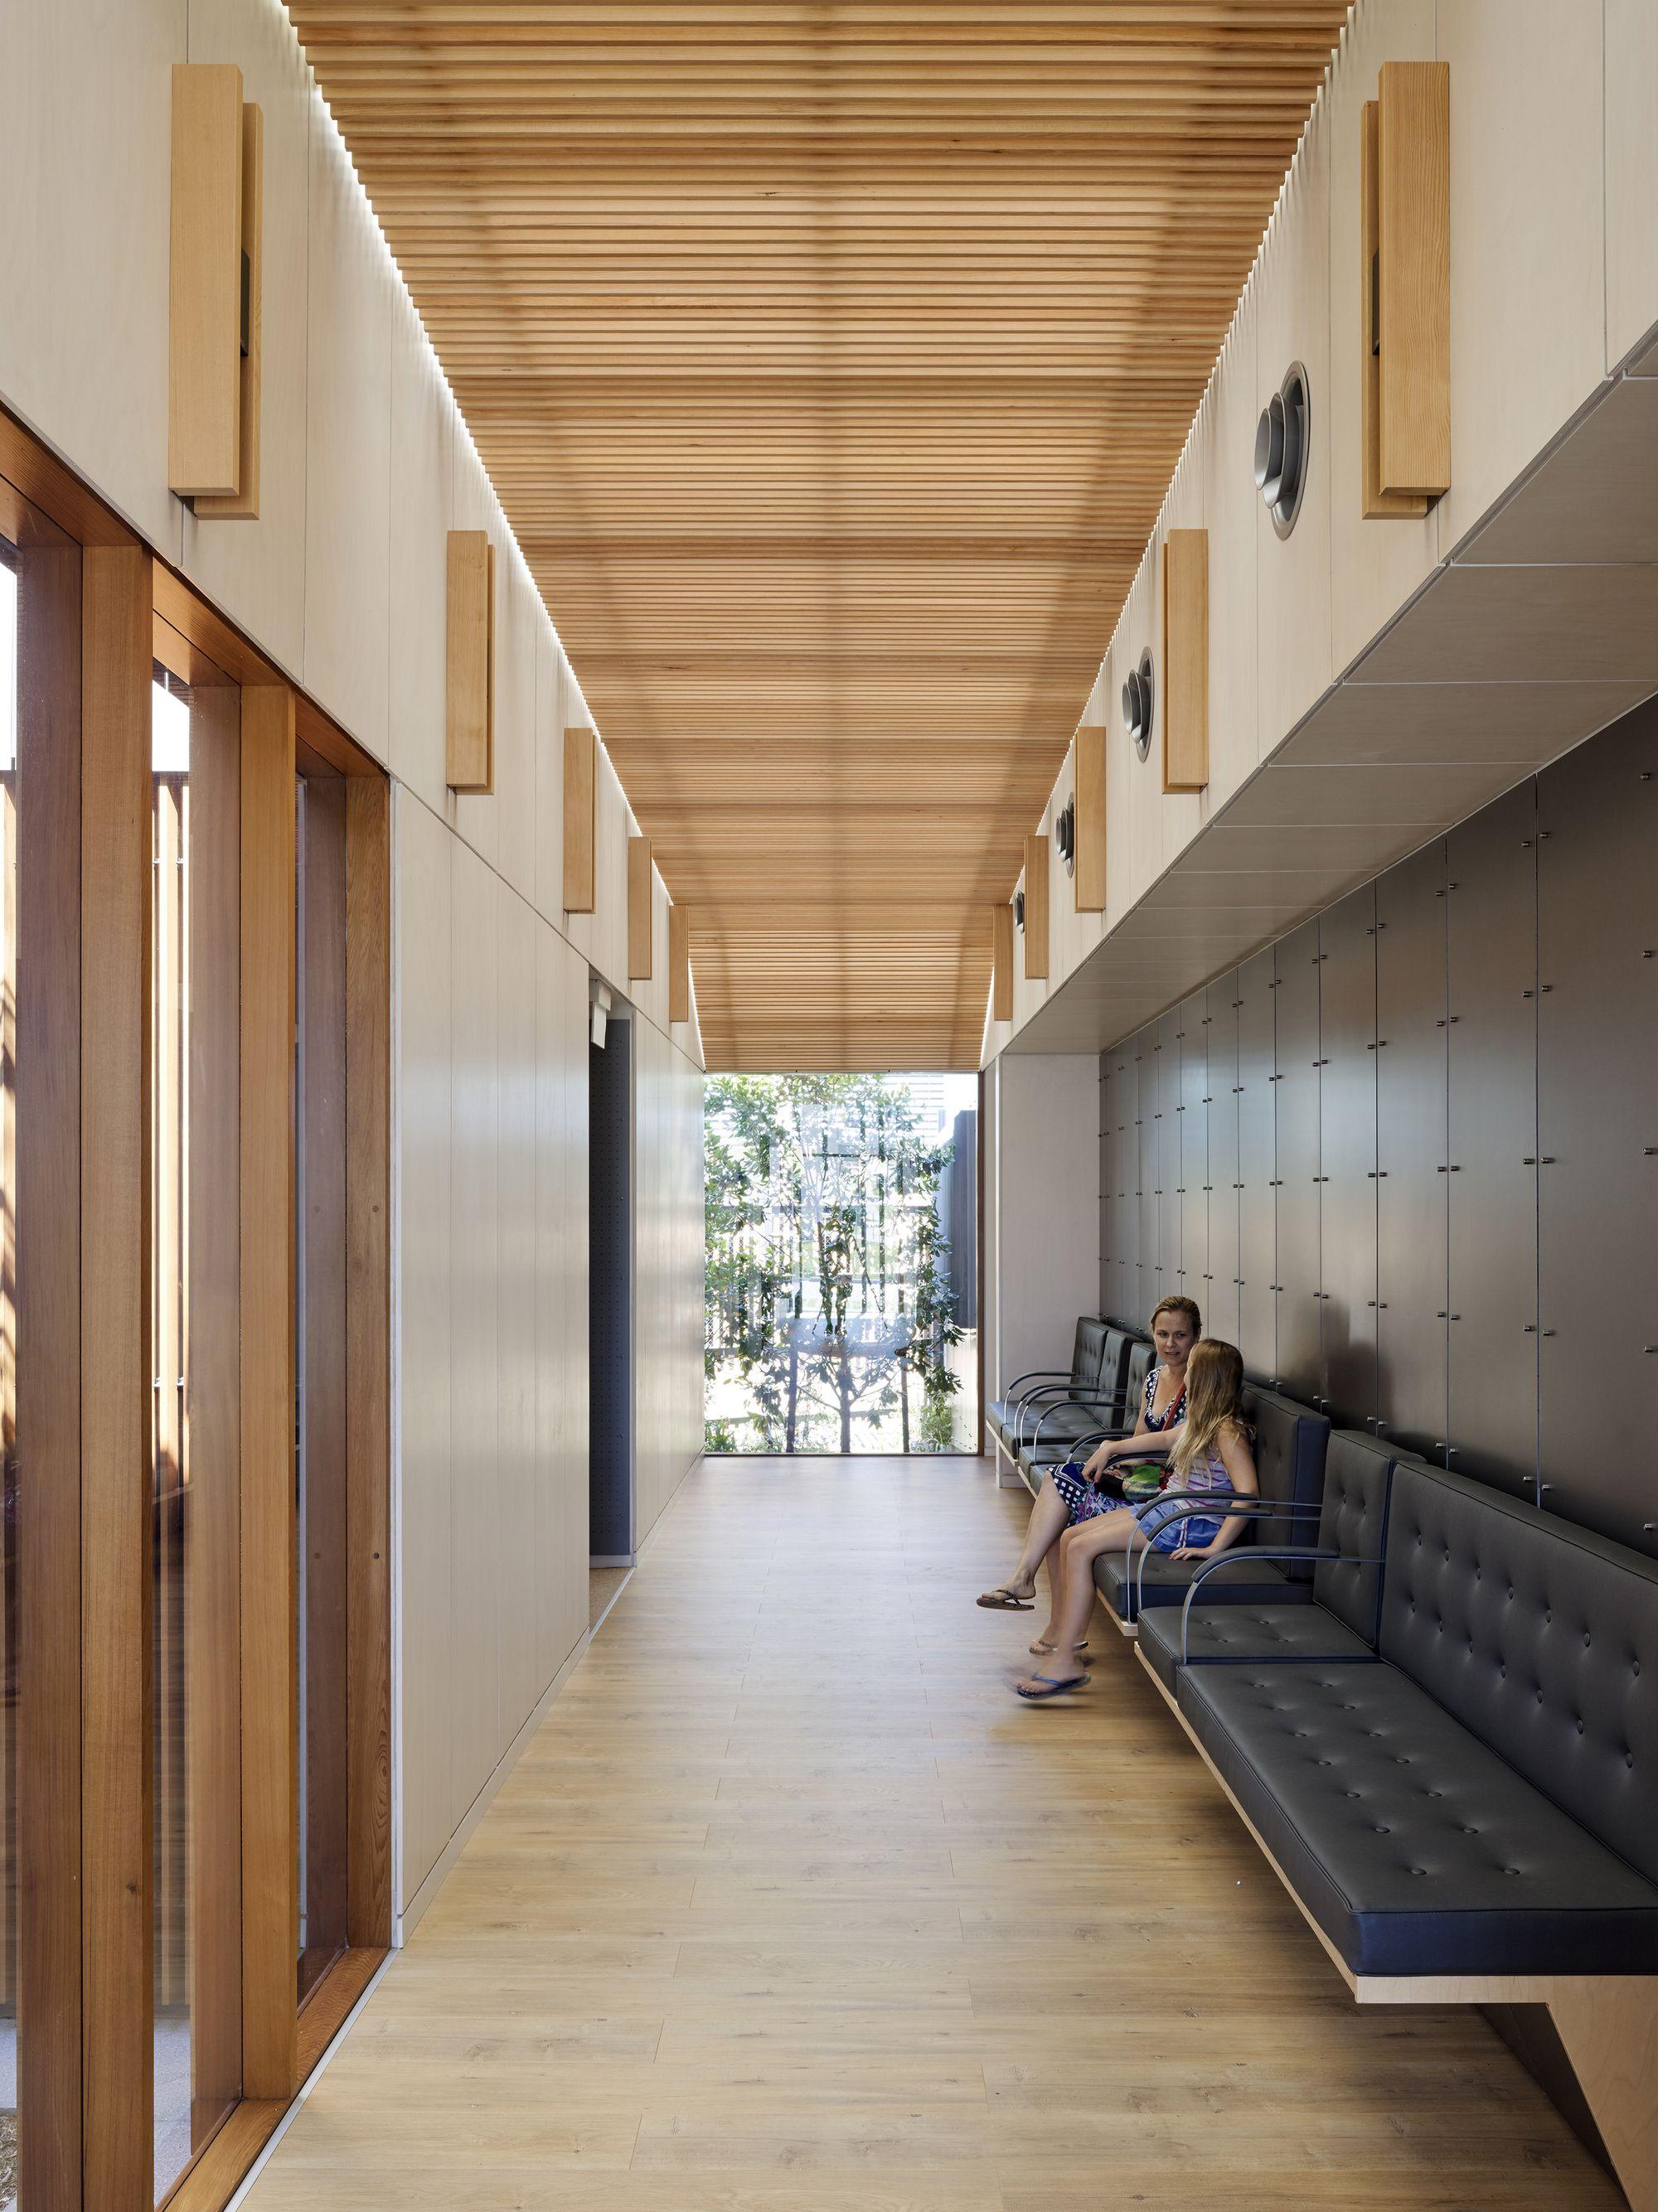 Hospital Room Interior Design: Pin On Innovating Interlocken